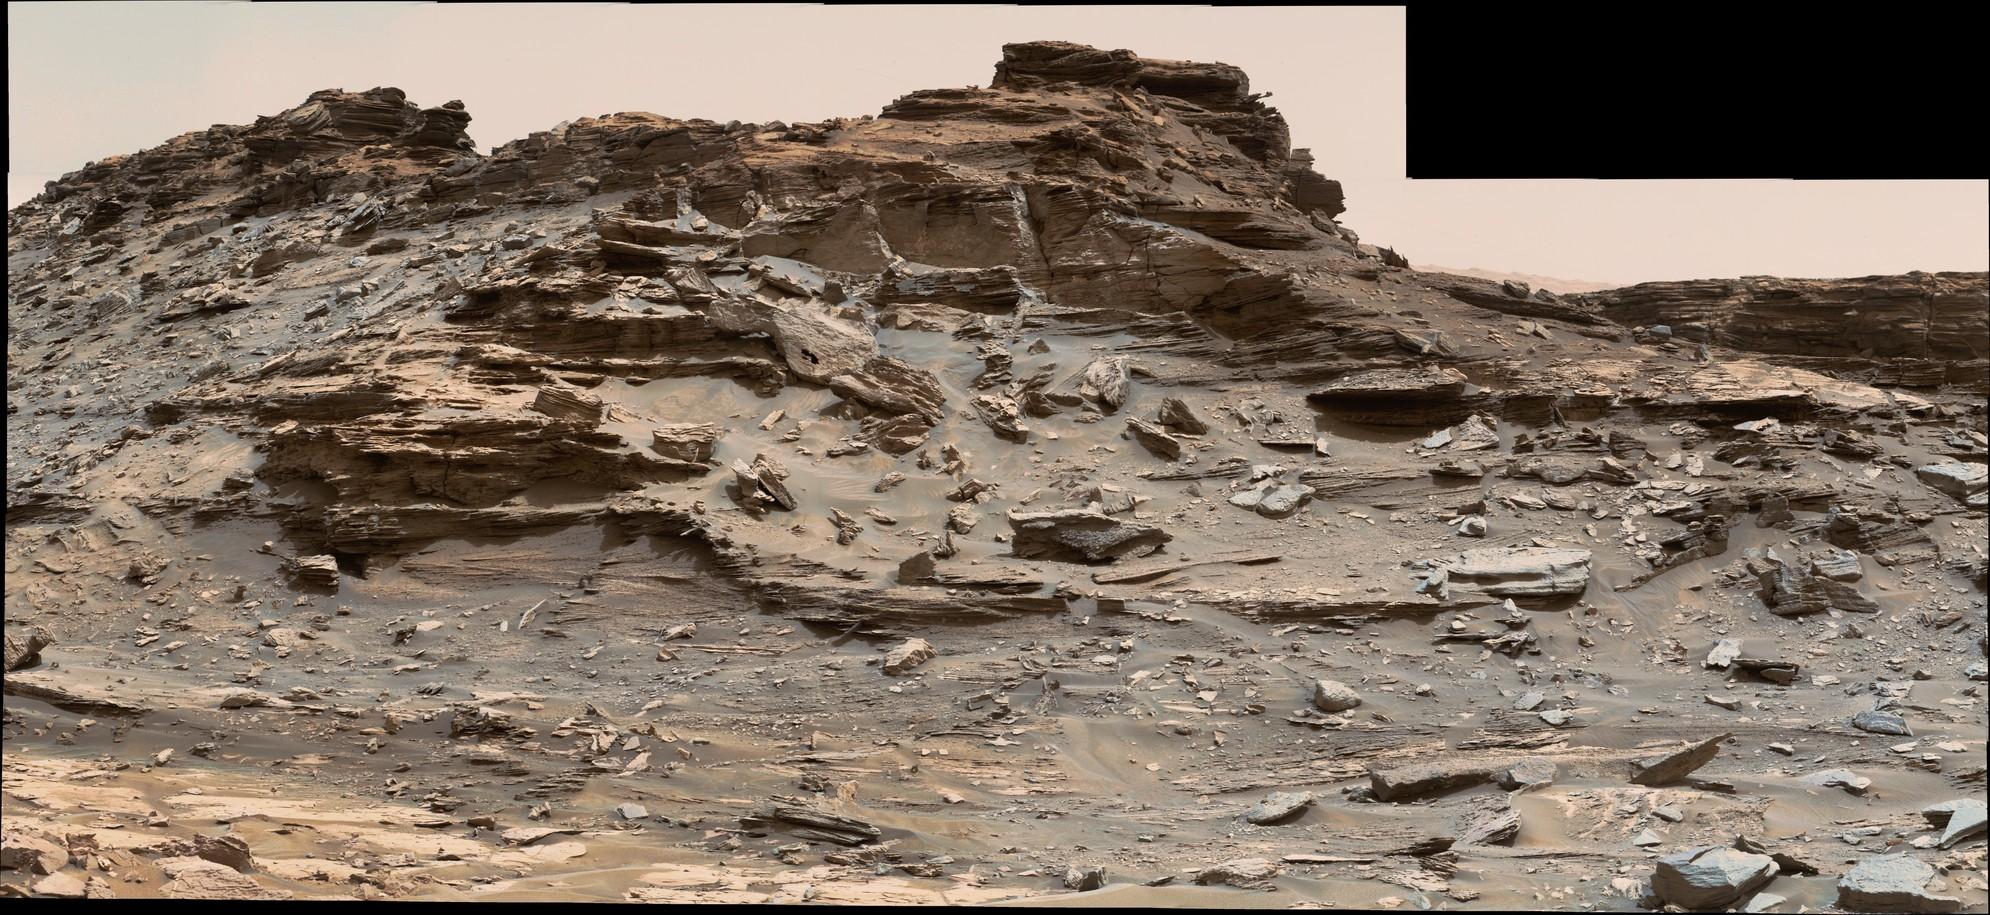 1448 SOL Curiosity Rover